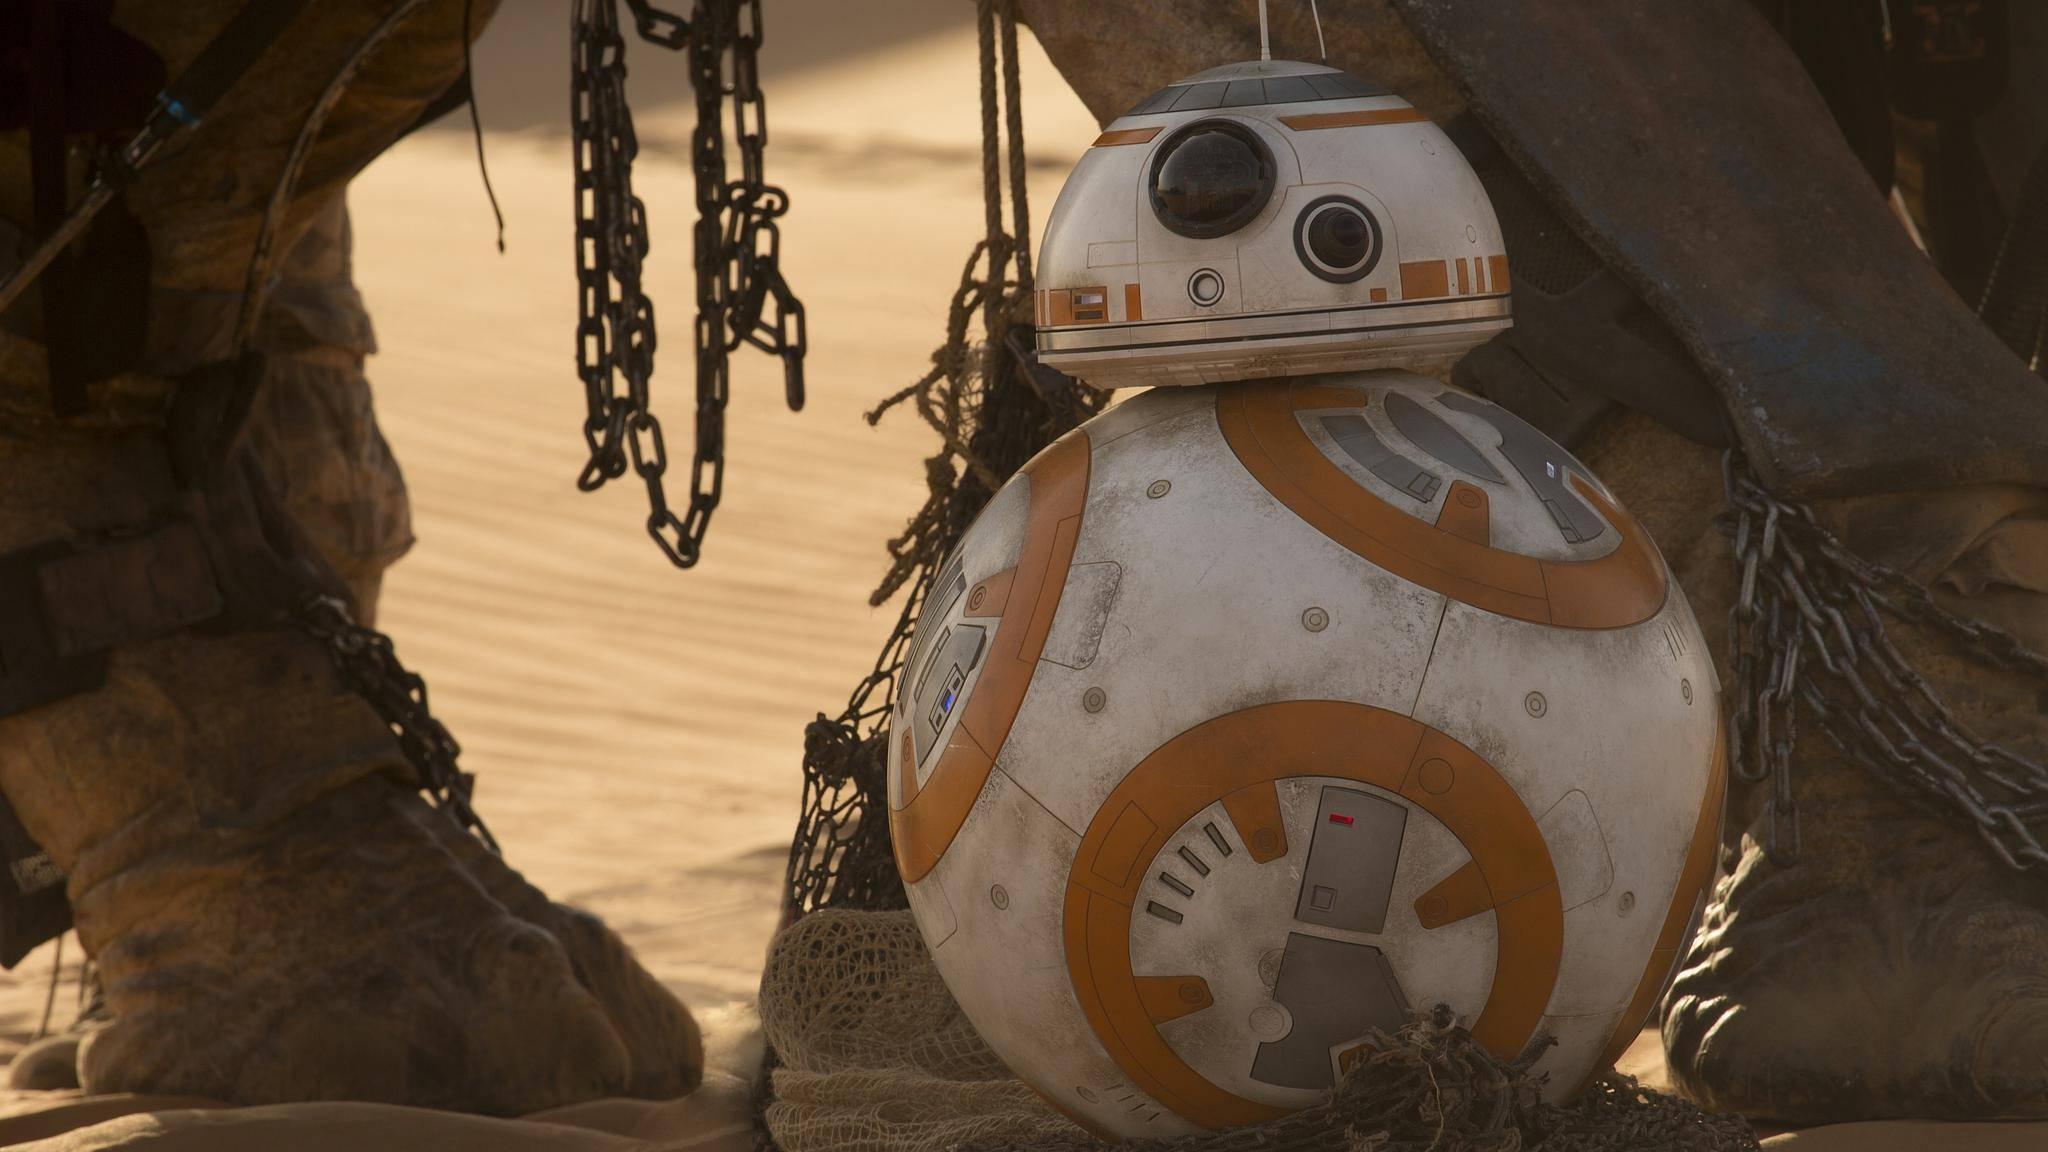 Einen anderen Name als BB-8 könnten wir uns für diesen Droiden gar nicht mehr vorstellen ...